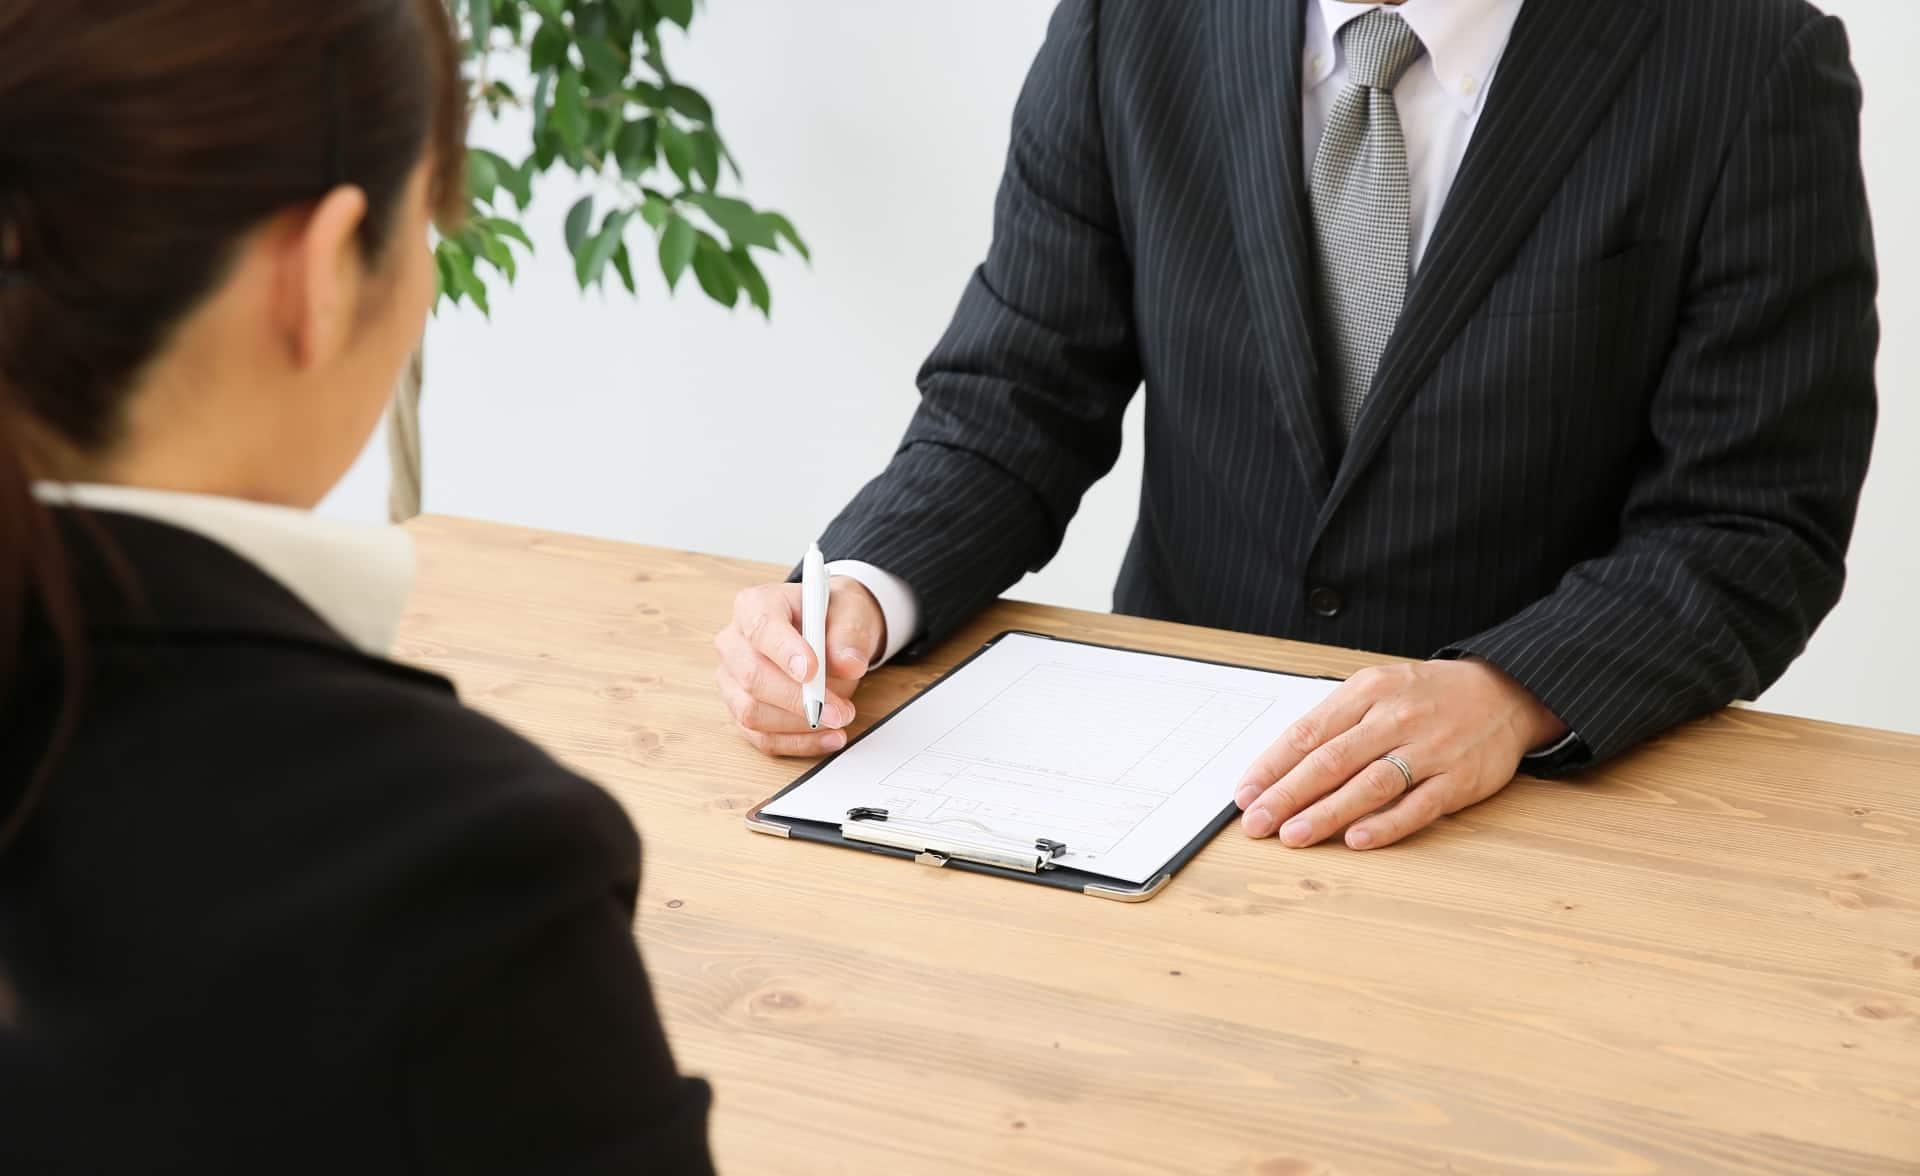 転職エージェントの面談ってなにするの?あなたの疑問徹底解説!